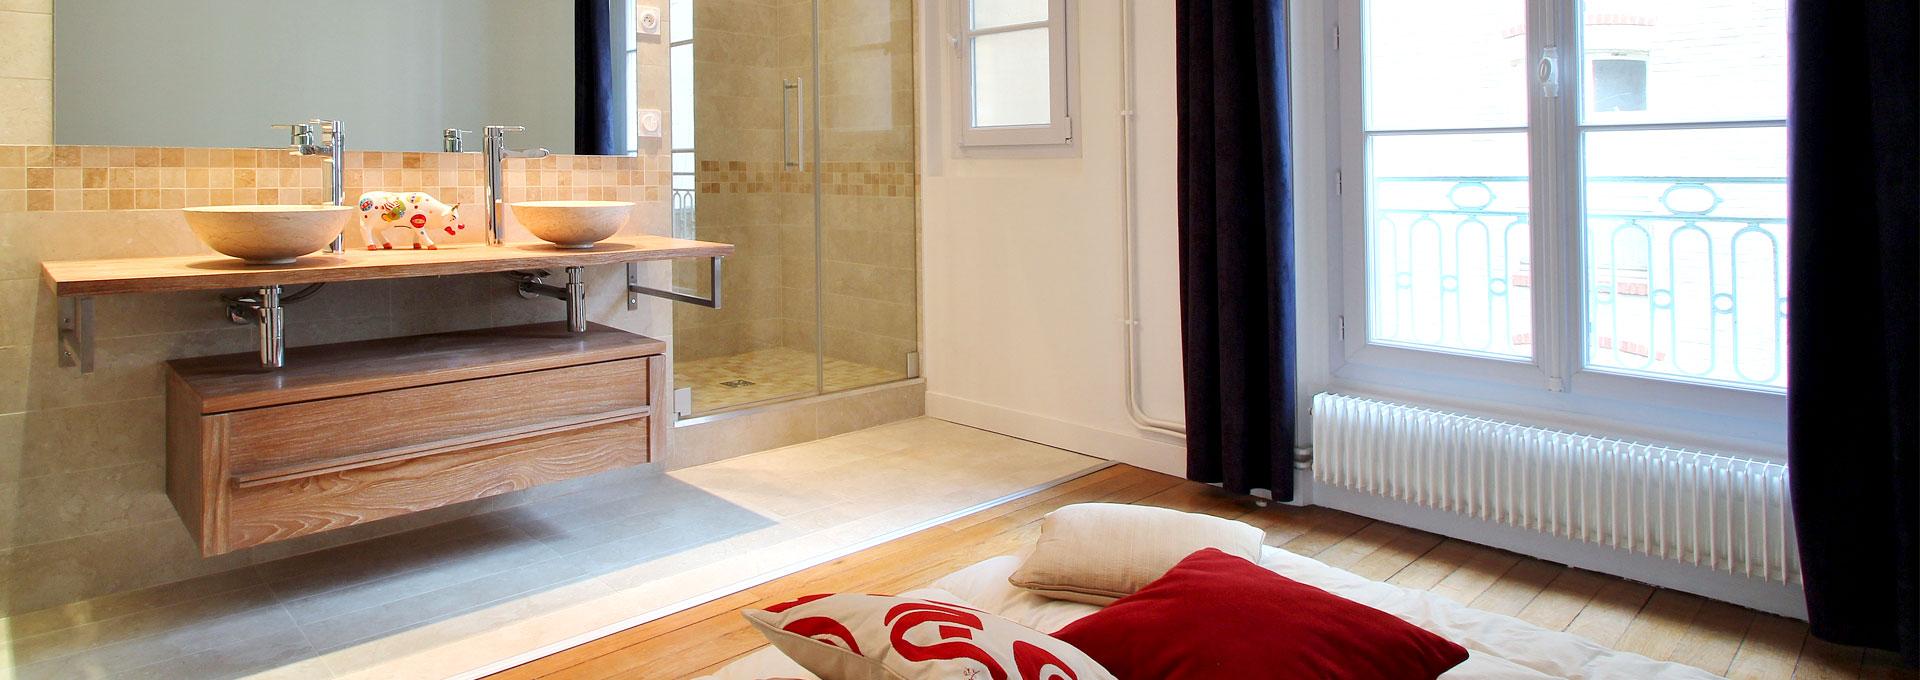 Aménagement salle de bain ouverte vasque bois creusé et gré cérame ...